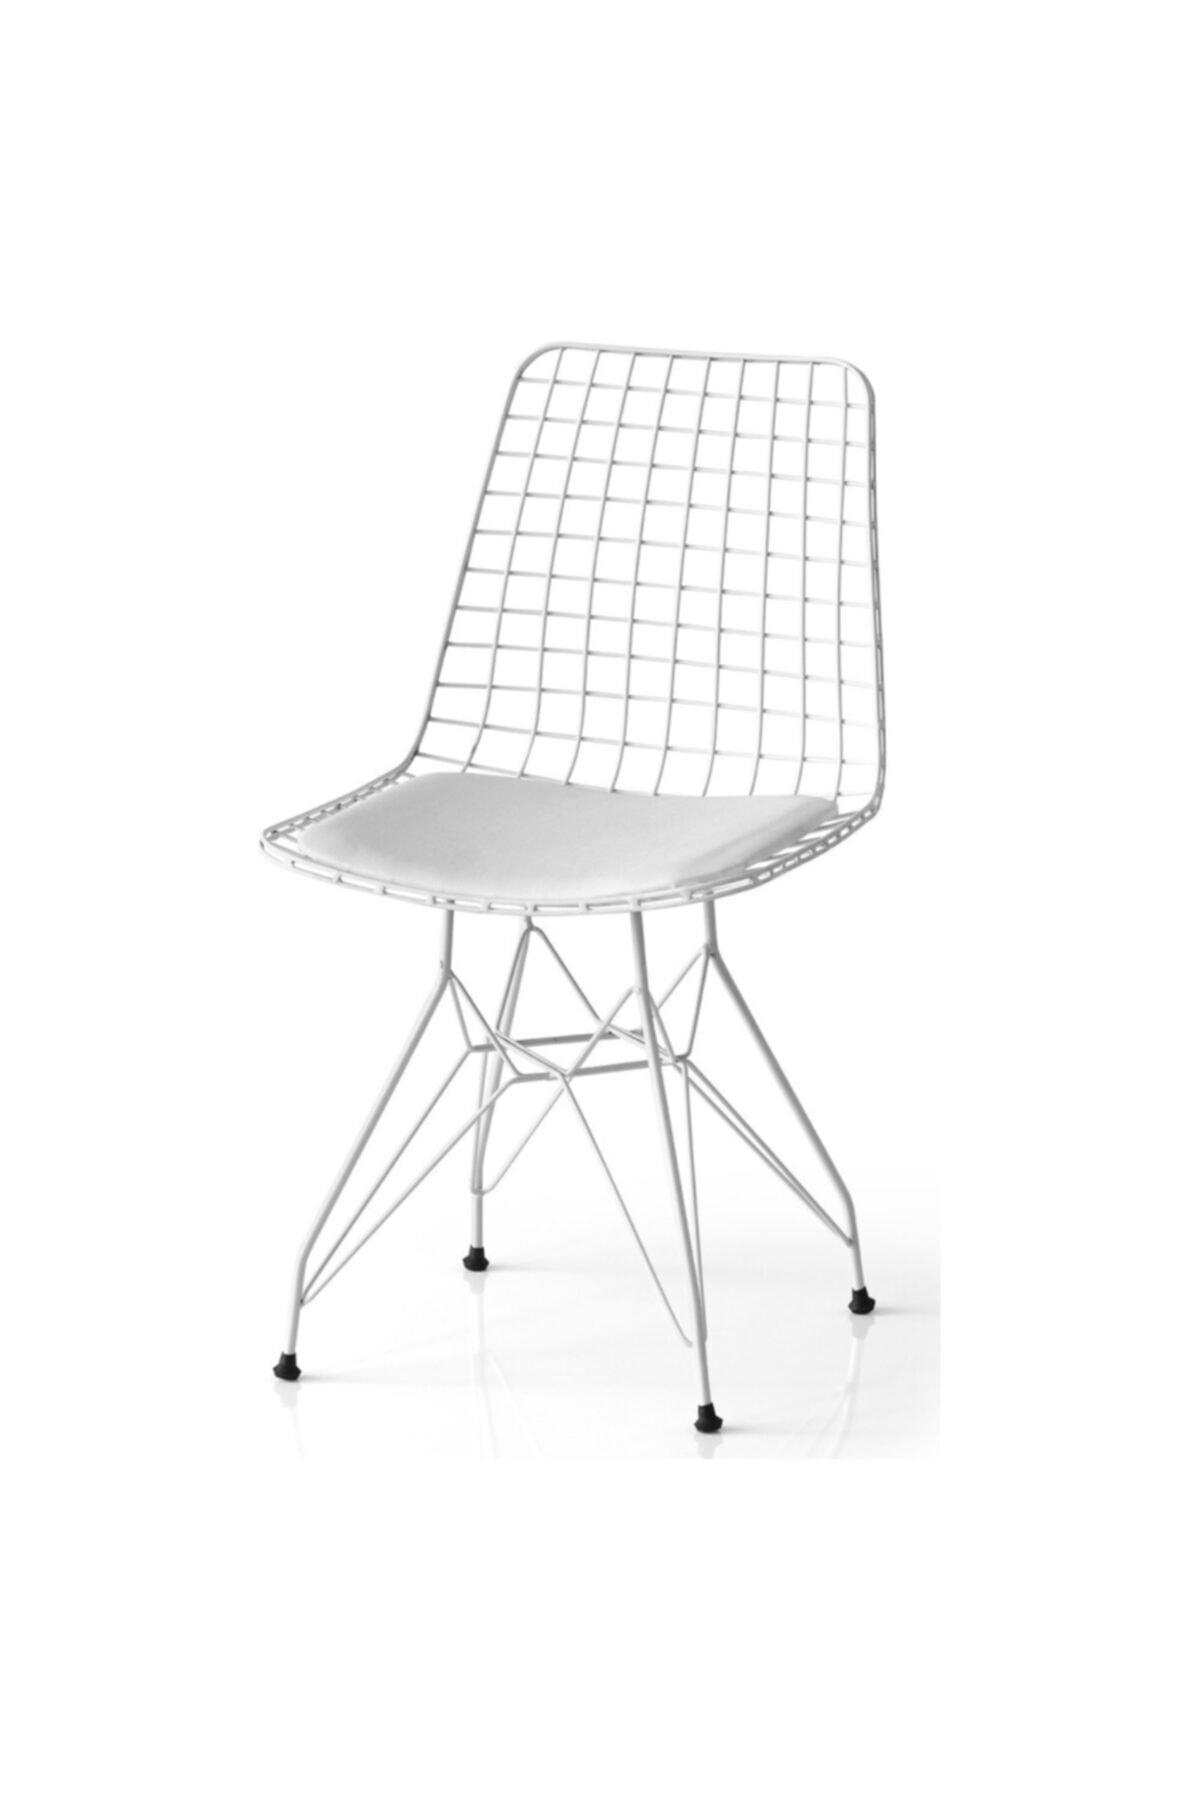 Beyaz Tel Mutfak Sandalyesi